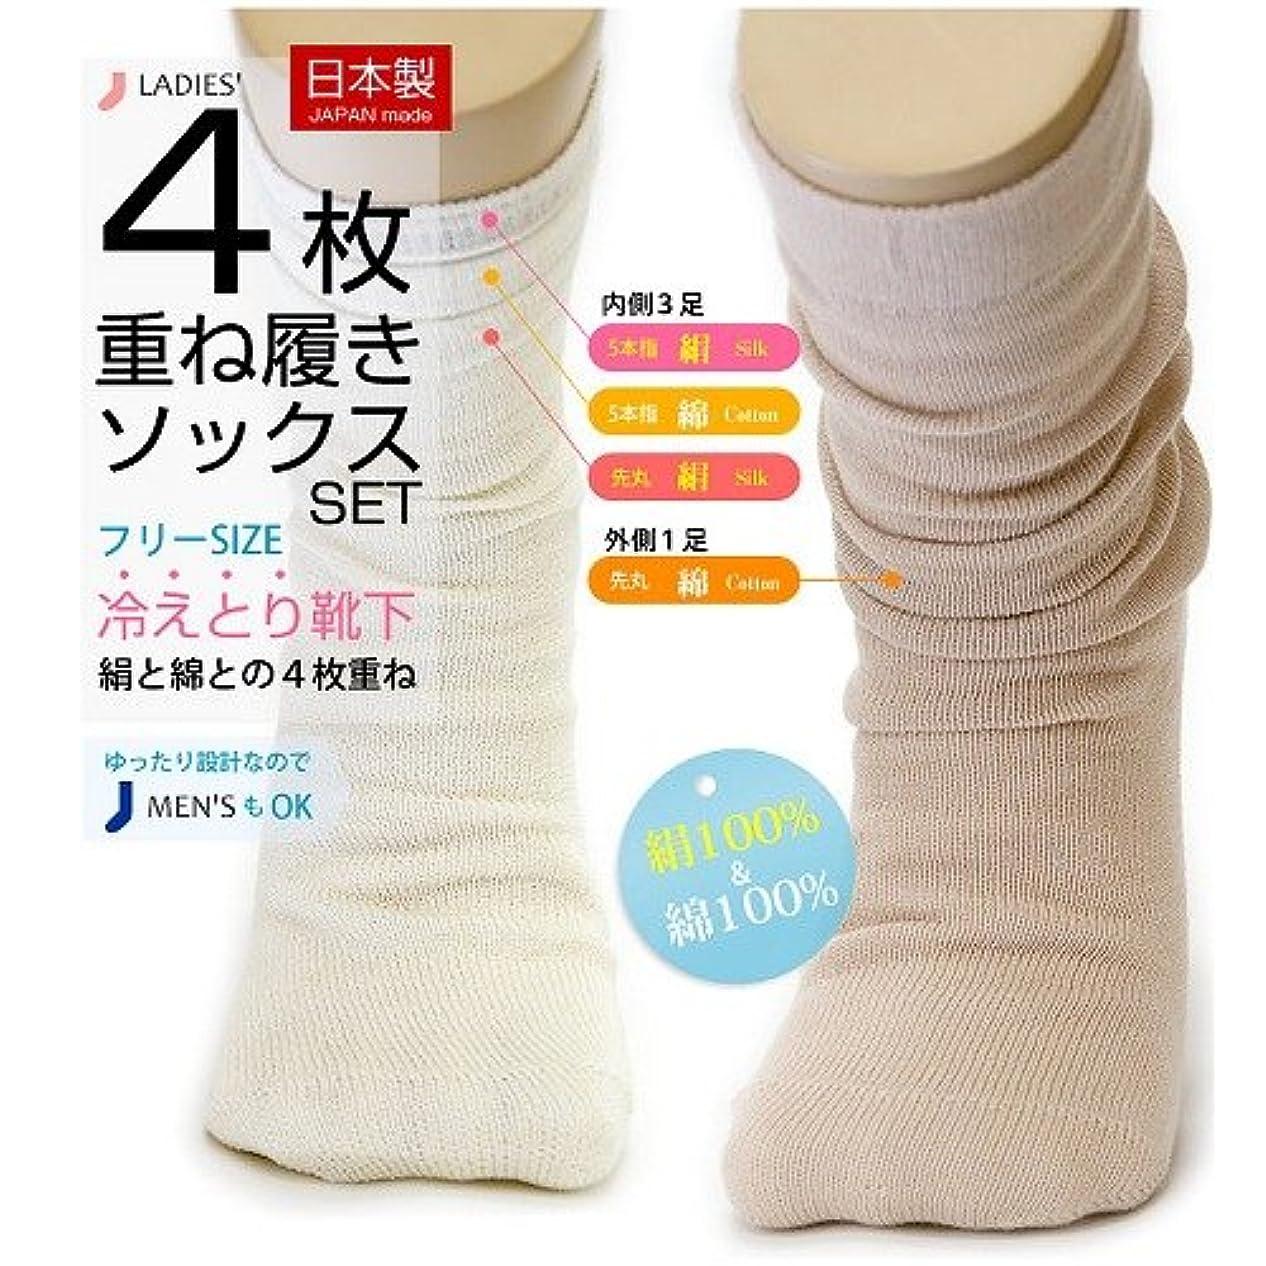 必需品食事を調理する寄り添う冷え取り靴下 綿100%とシルク100% 最高級の日本製 4枚重ねばきセット(外側ライトグレー)